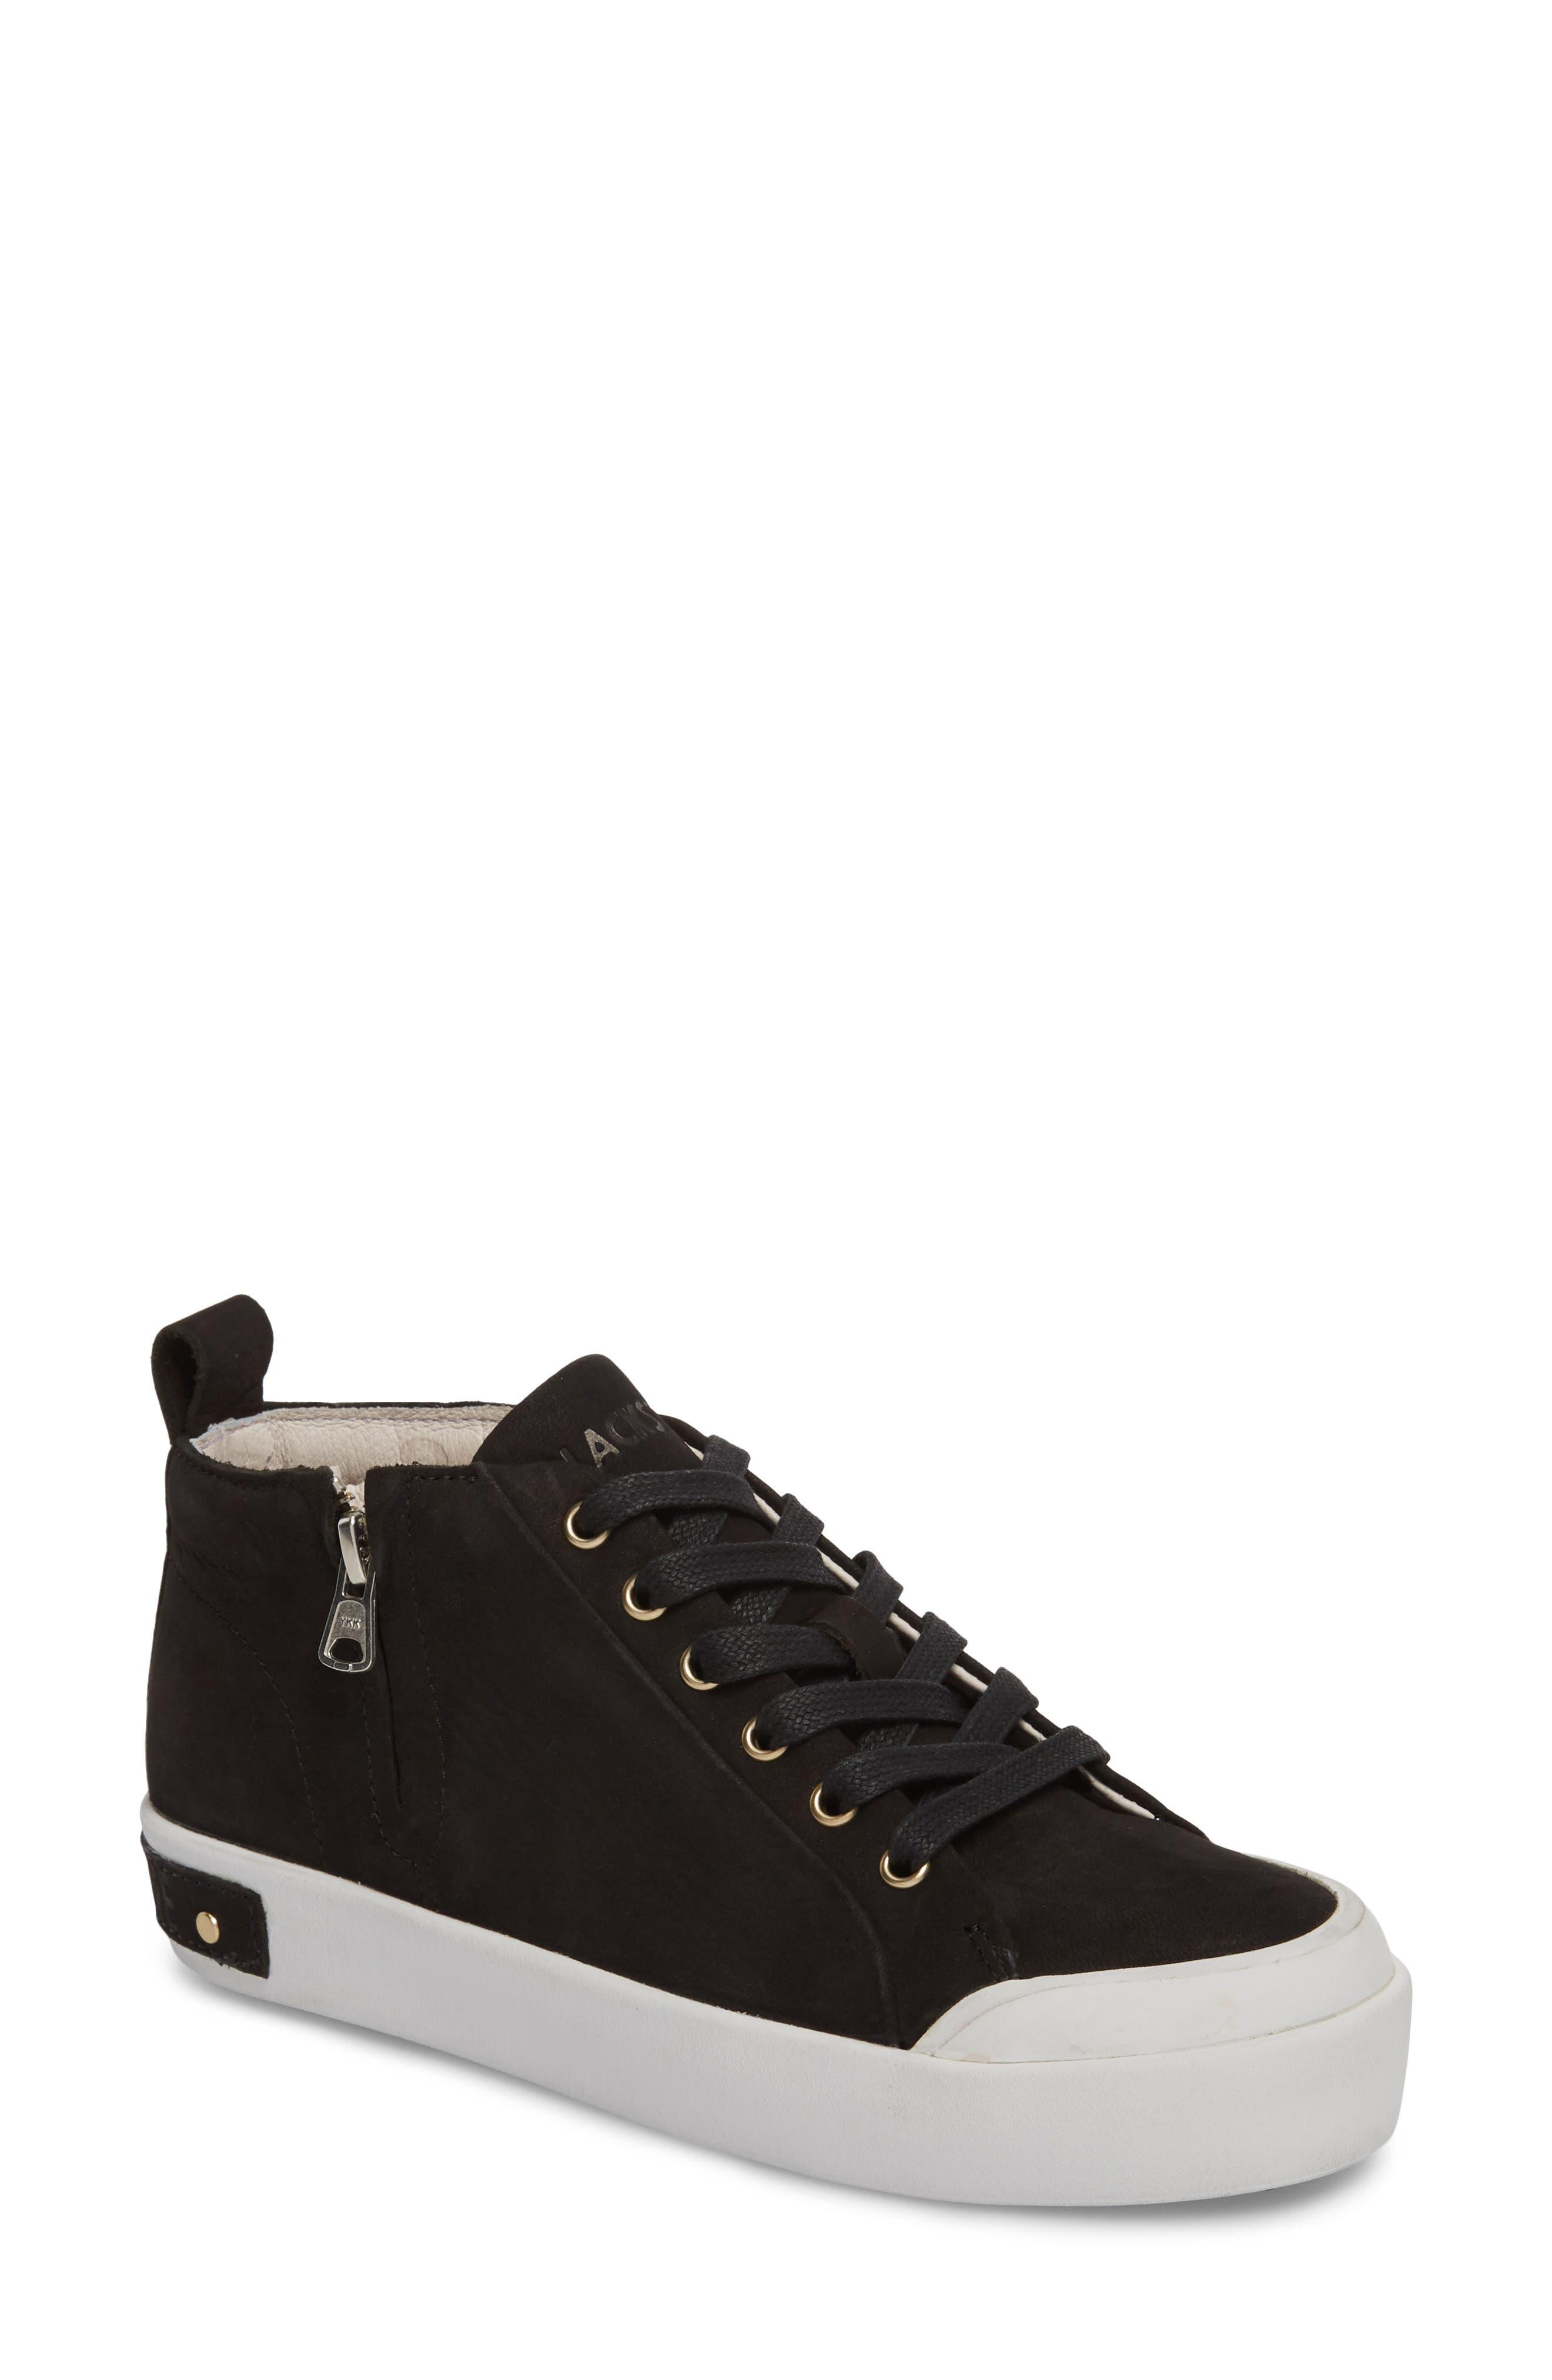 Blackstone Pl83 Mid Rise Sneaker Black